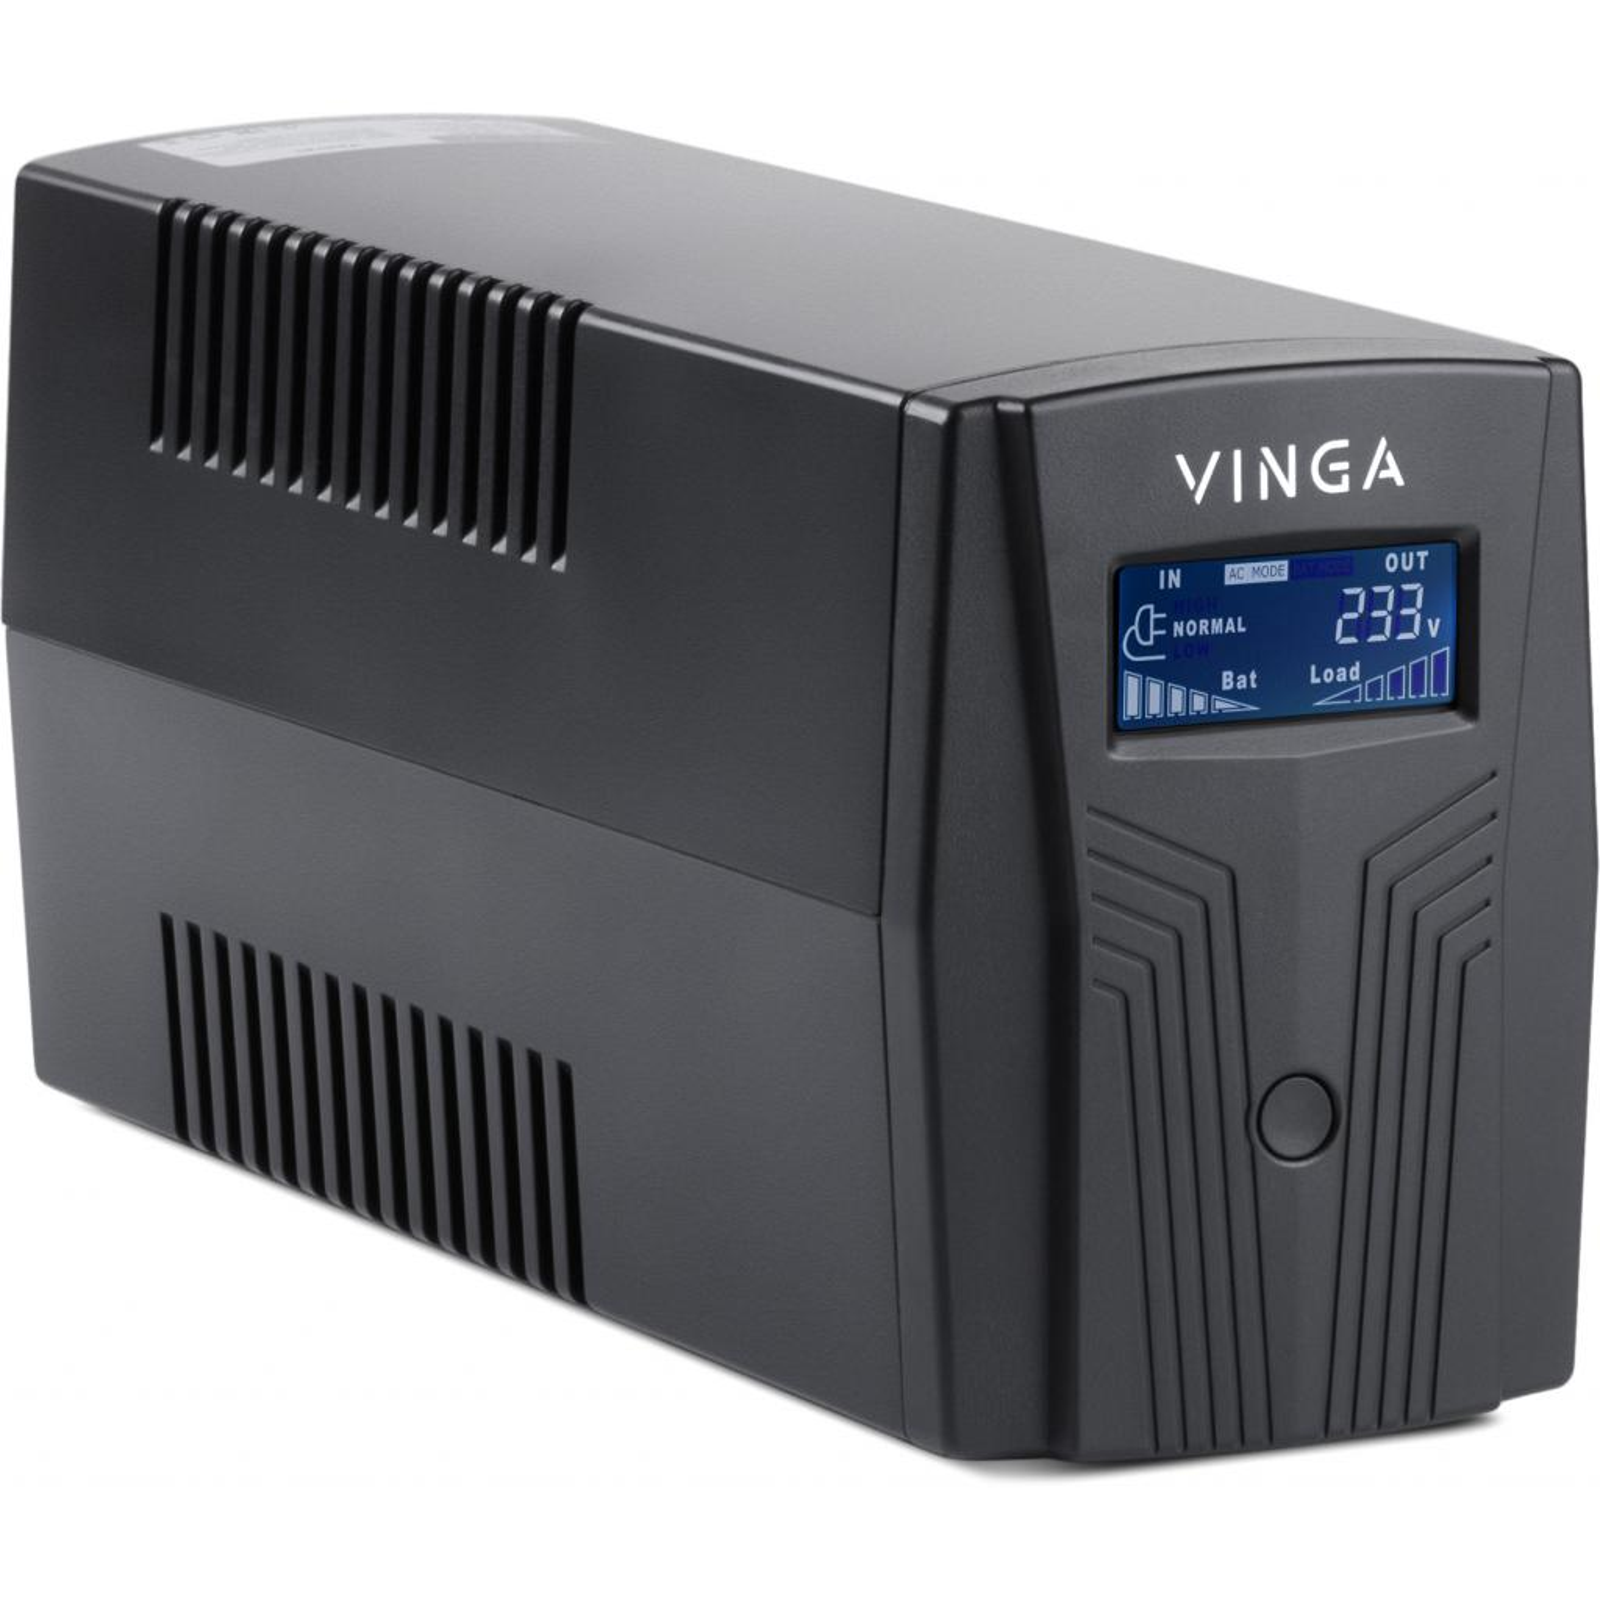 Источник бесперебойного питания Vinga LCD 1200VA plastic case (VPC-1200P) изображение 2